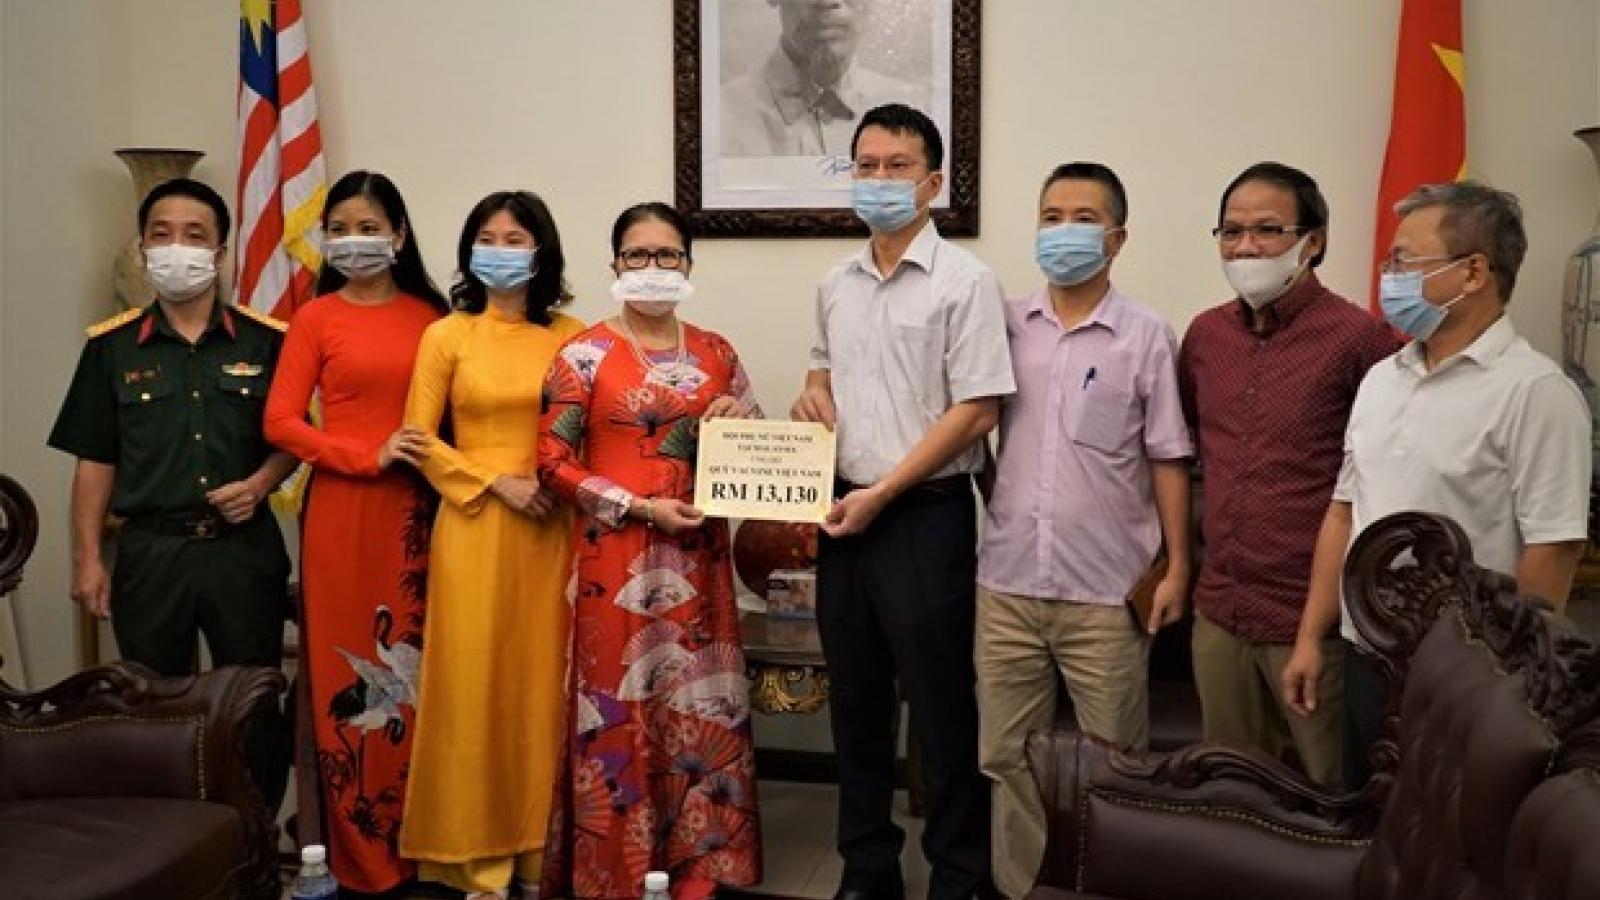 Vietnamese in Malaysia donate to COVID-19 vaccine fund